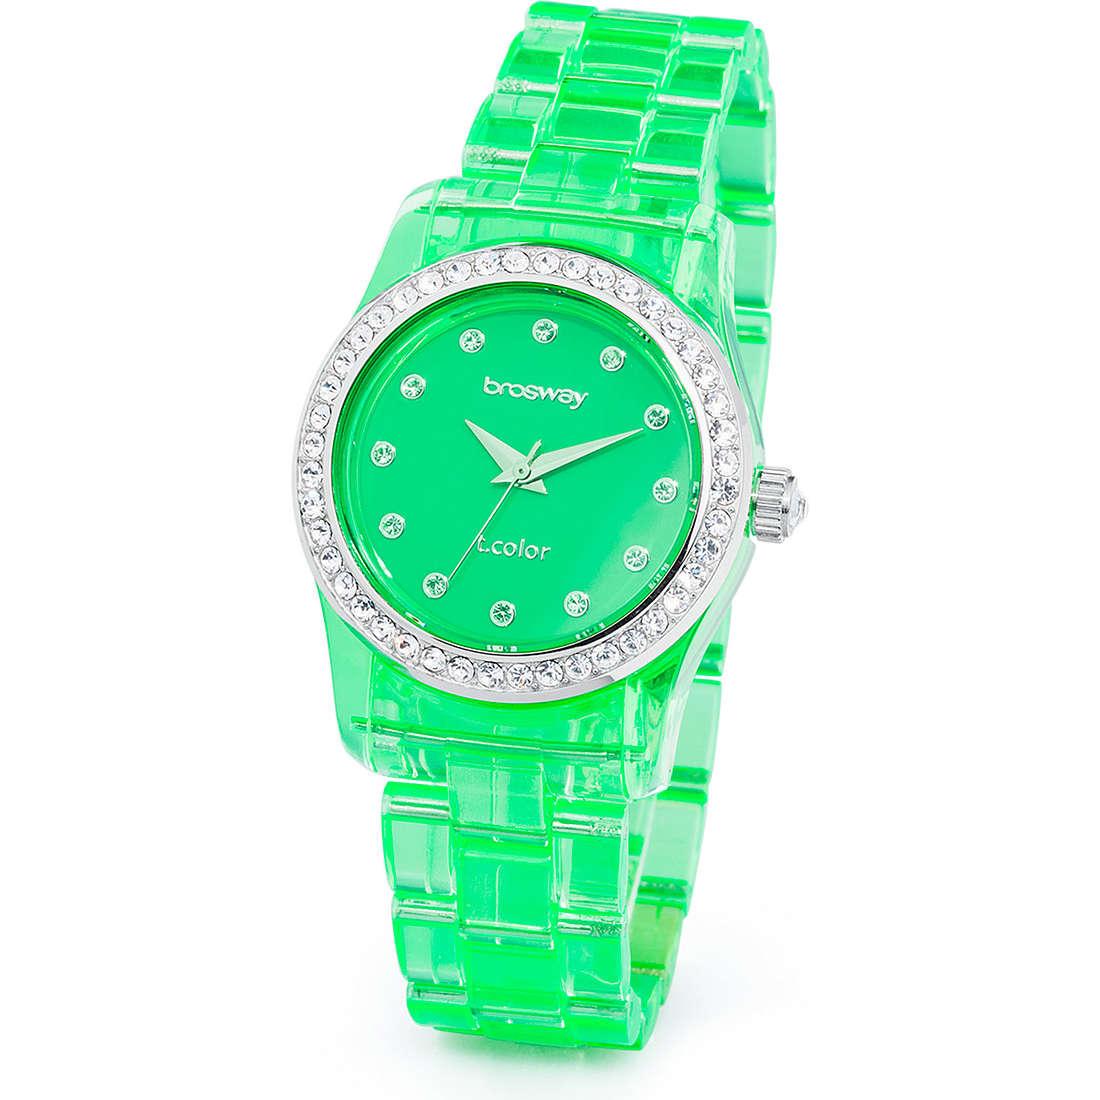 orologio solo tempo donna Brosway T-Color WTC58